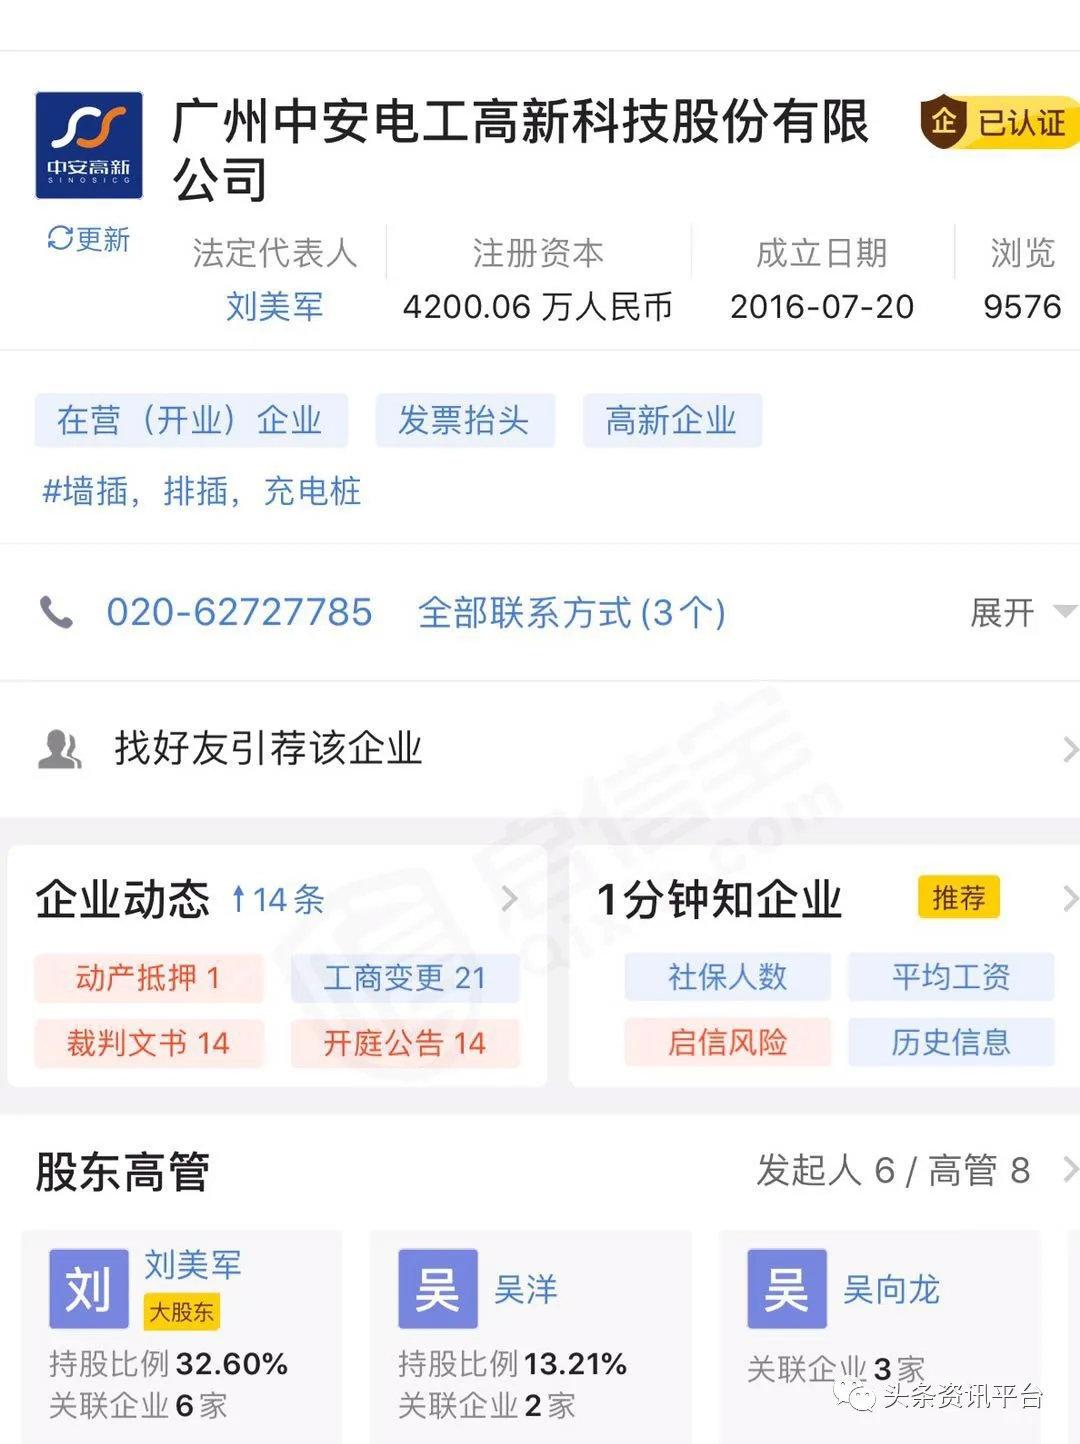 广州中安电工高新科技股份有限公司涉水直销